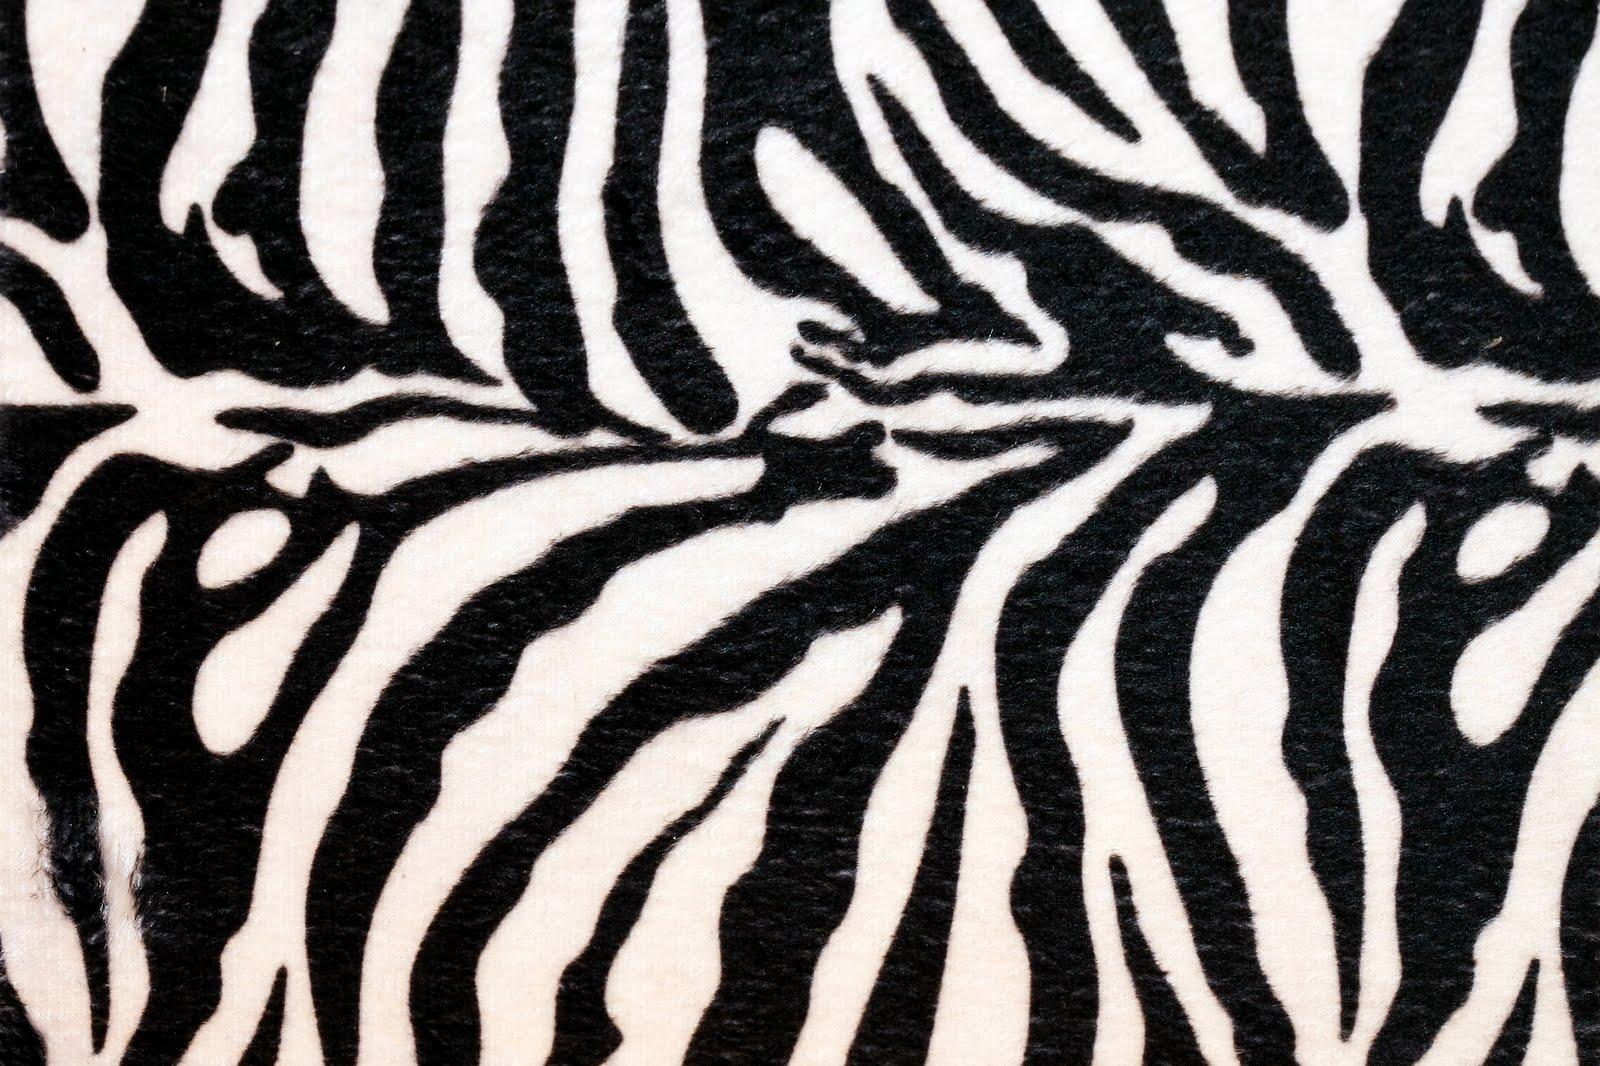 http://2.bp.blogspot.com/-5FxY-p9ZTfw/TkmXDVVJ3gI/AAAAAAAATLM/zWh4Xo0QqMo/s1600/Zebra+print+wallpaper-3.jpg